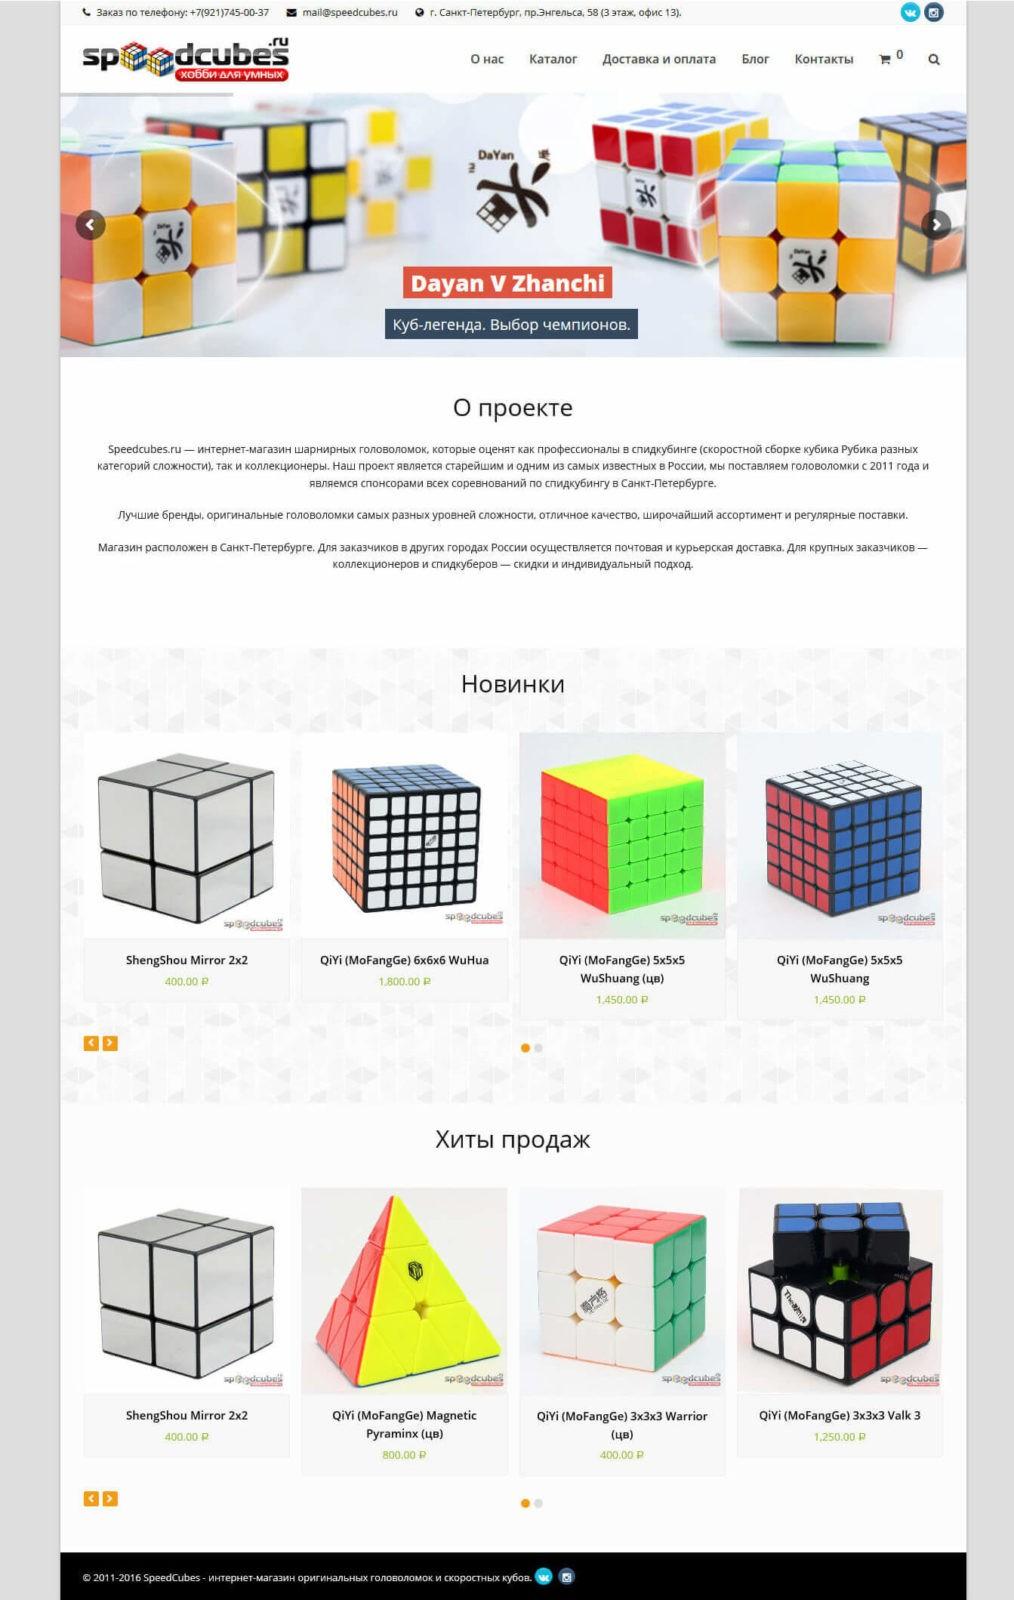 speedcubes создание сайта магазина головоломок спидкубинг